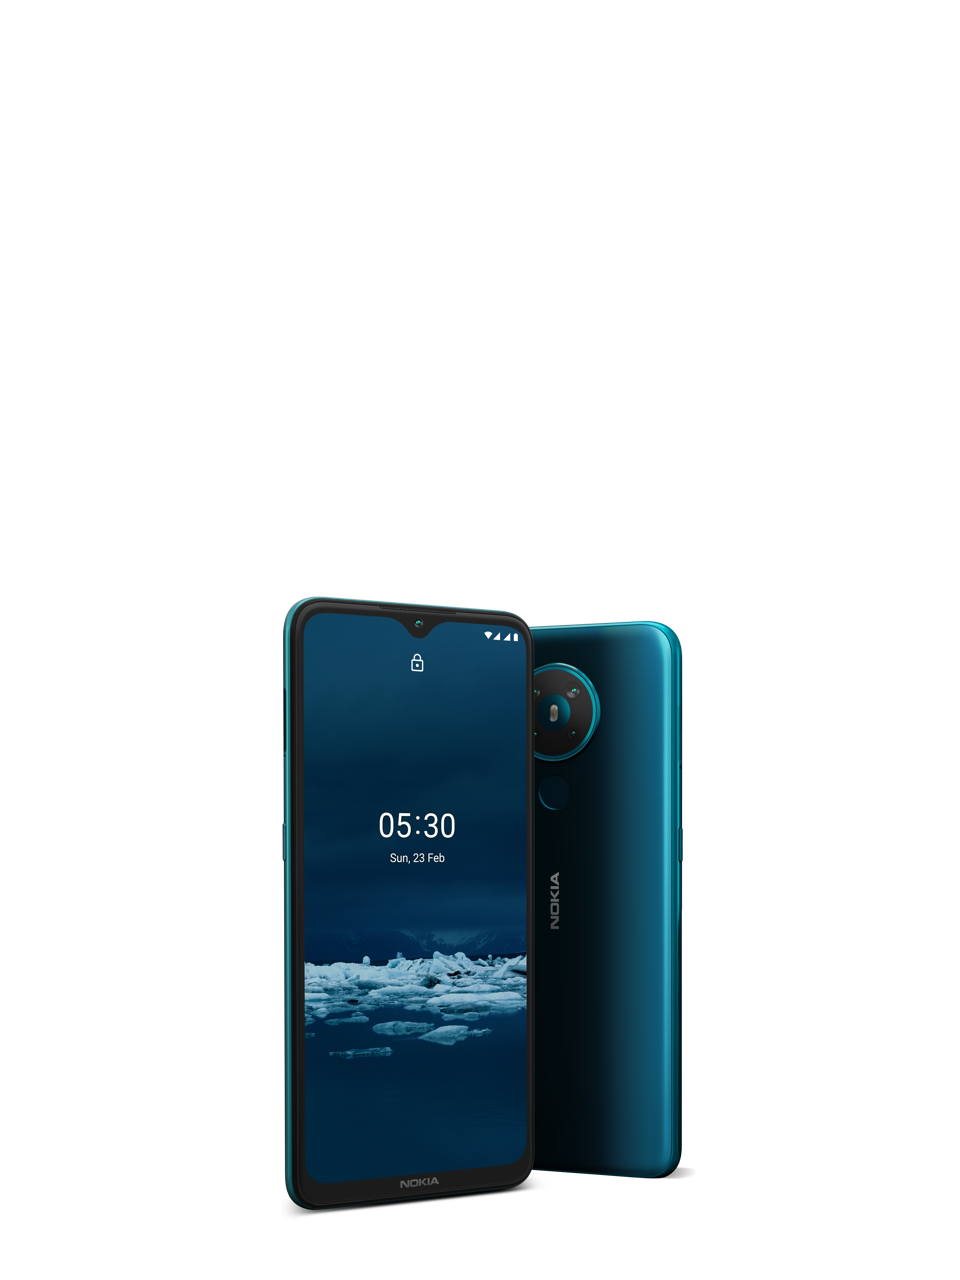 الهواتف الذكية والهواتف المحمولة م ن Nokia Android هواتف Nokia